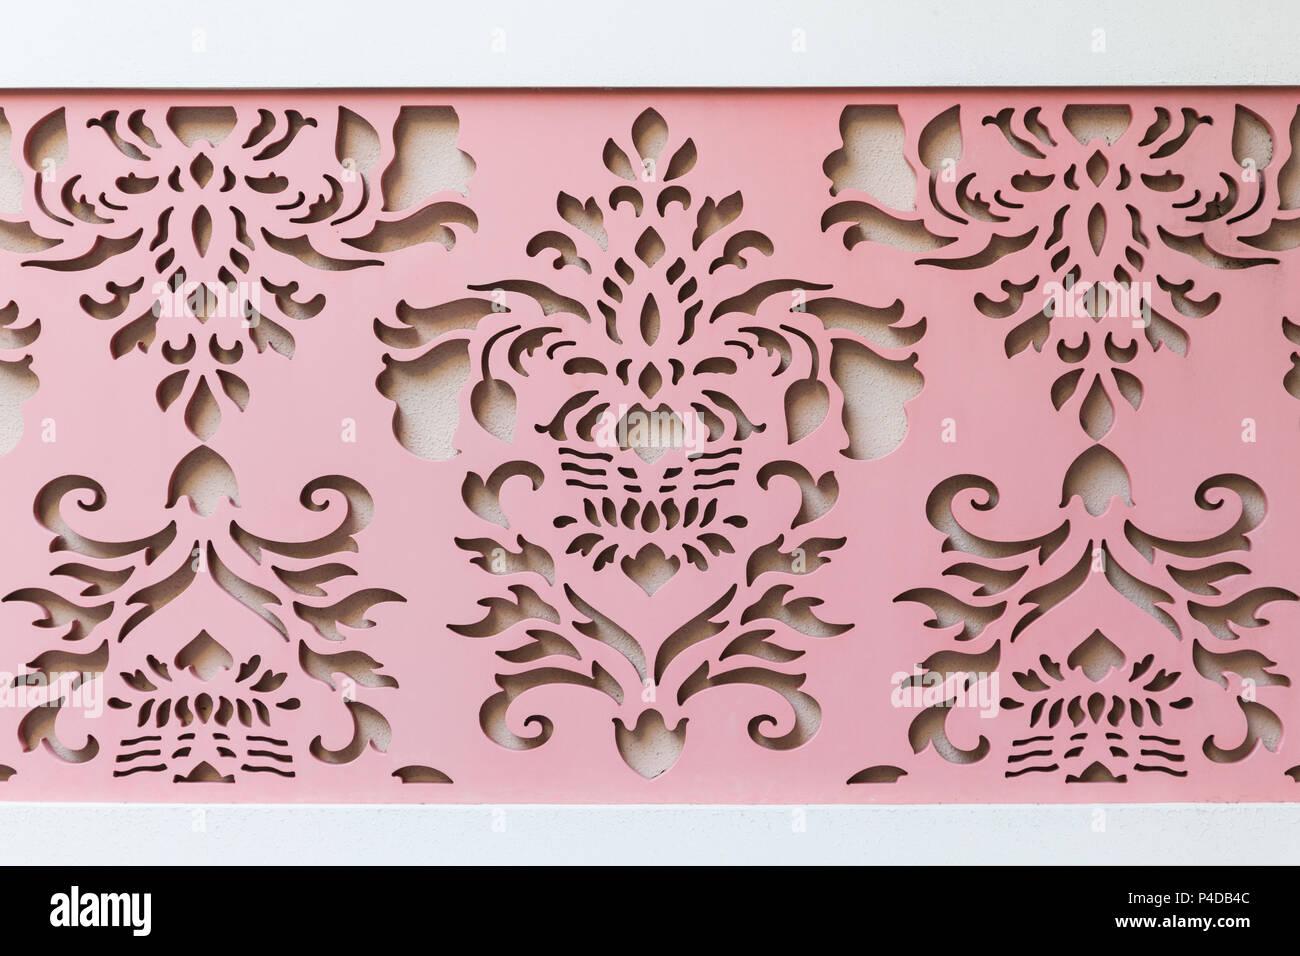 Kunst Rosa Holz Wand Hintergrund Asiatische Linie Stil Stockfoto